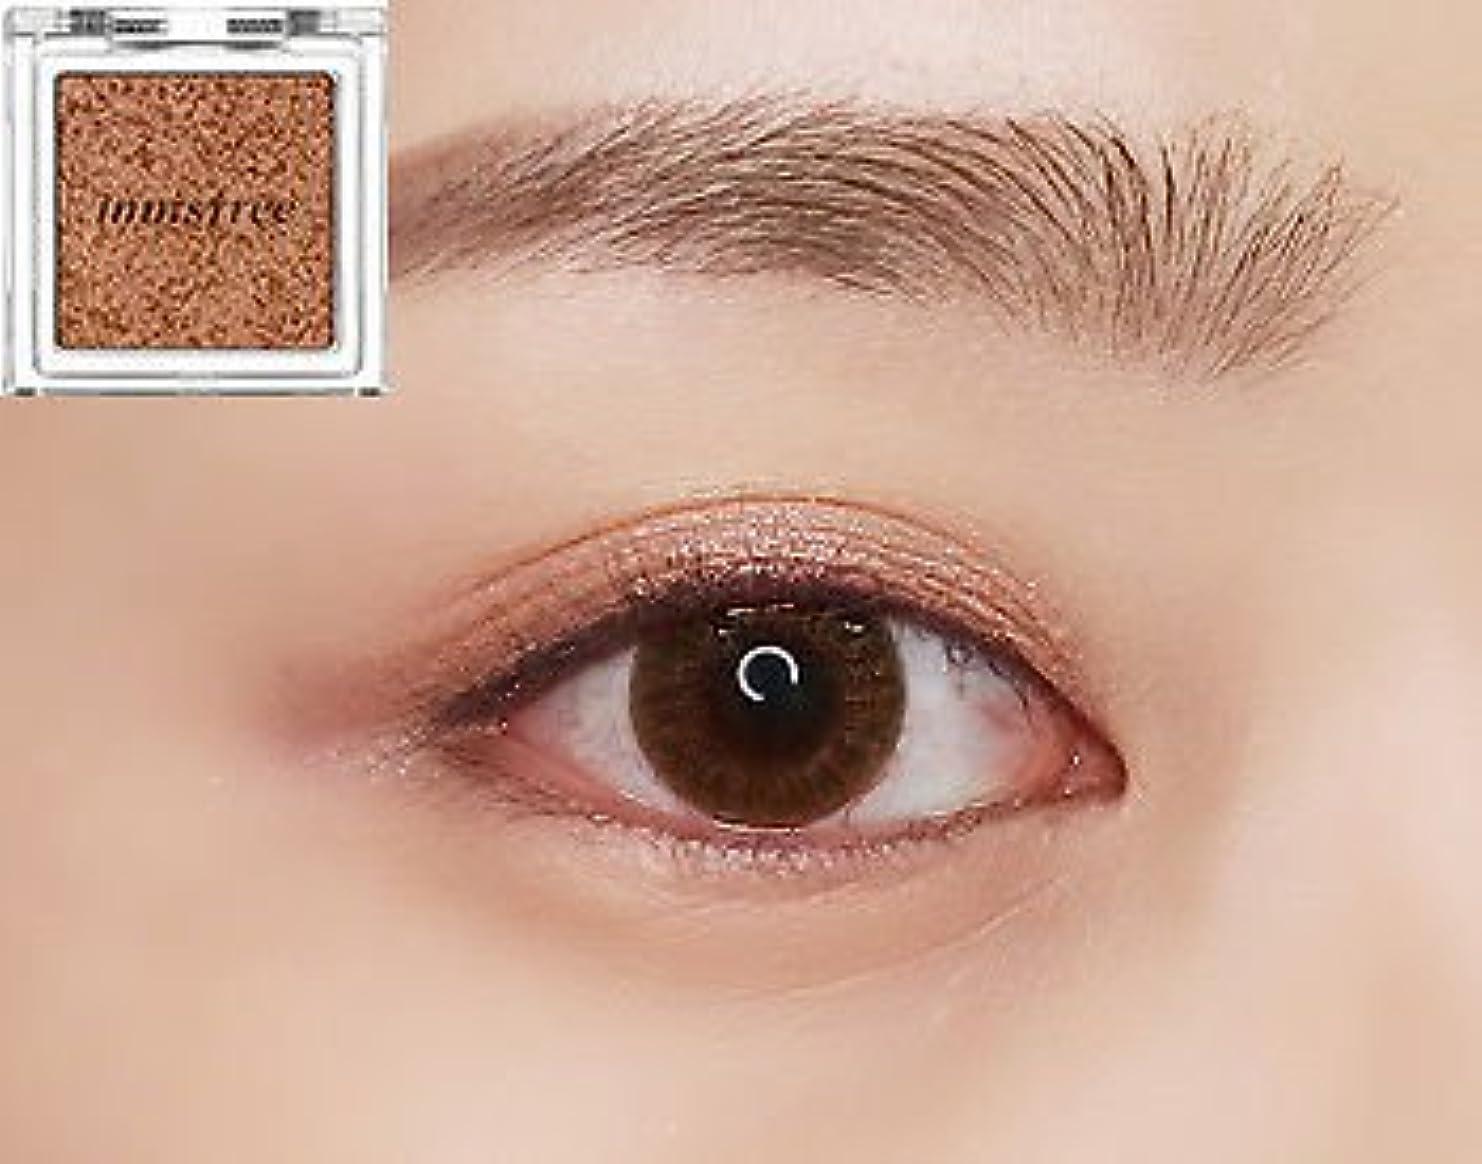 意識反論提出する[イニスフリー] innisfree [マイ パレット マイ アイシャドウ (グリッタ一) 25カラー] MY PALETTE My Eyeshadow (Glitter) 25 Shades [海外直送品] (グリッタ一 #12)